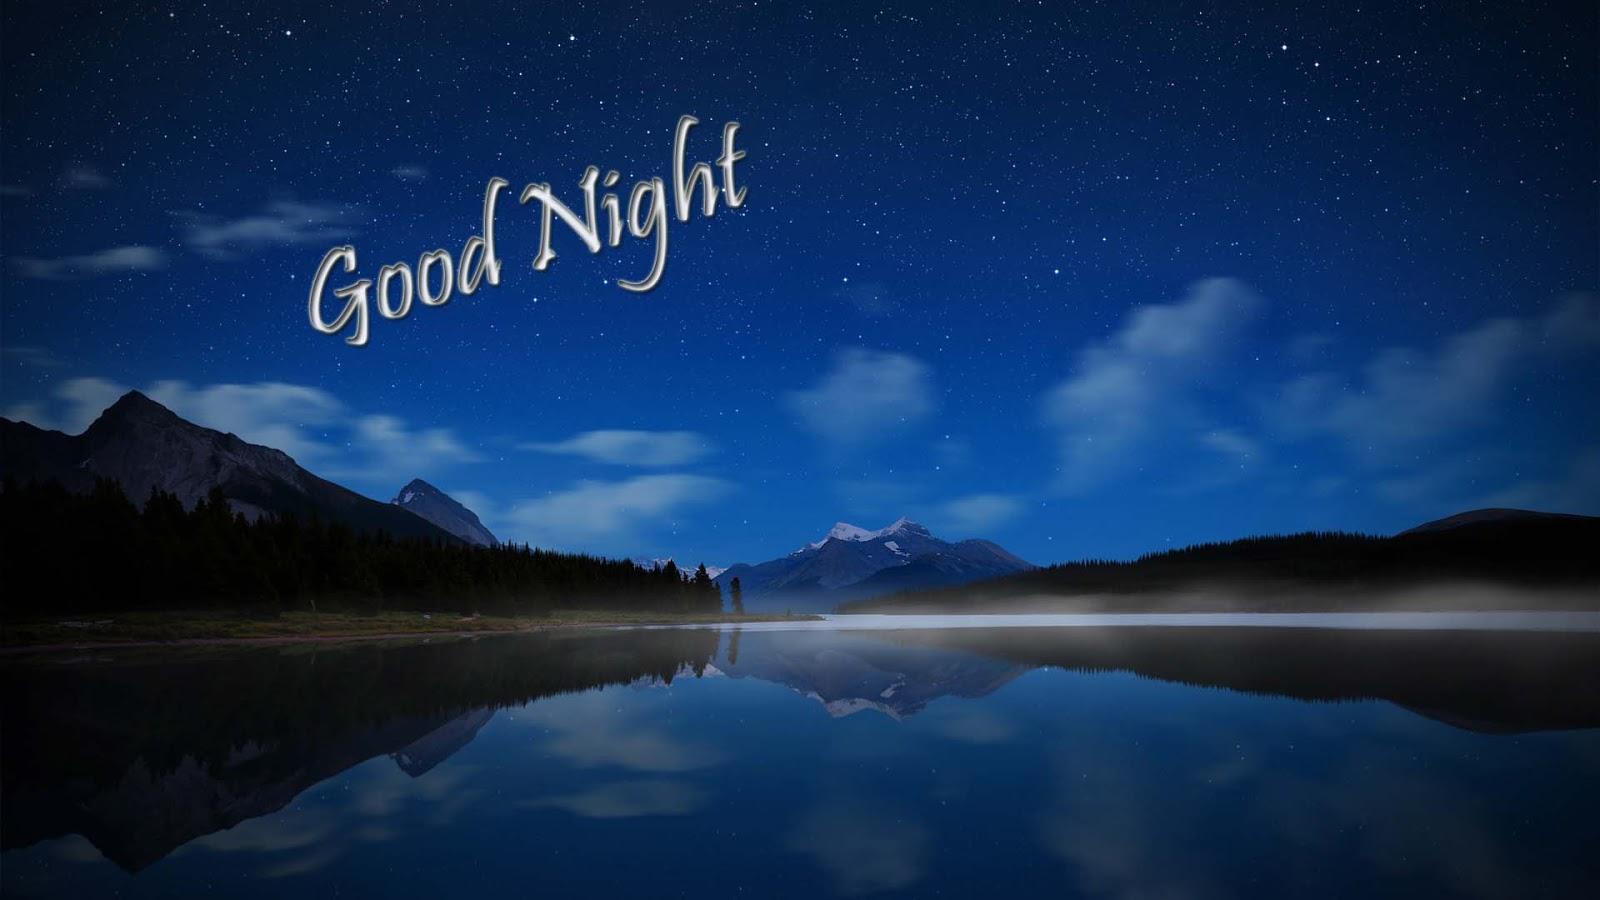 Lovely Good Night wallpapers ~ Allfreshwallpaper